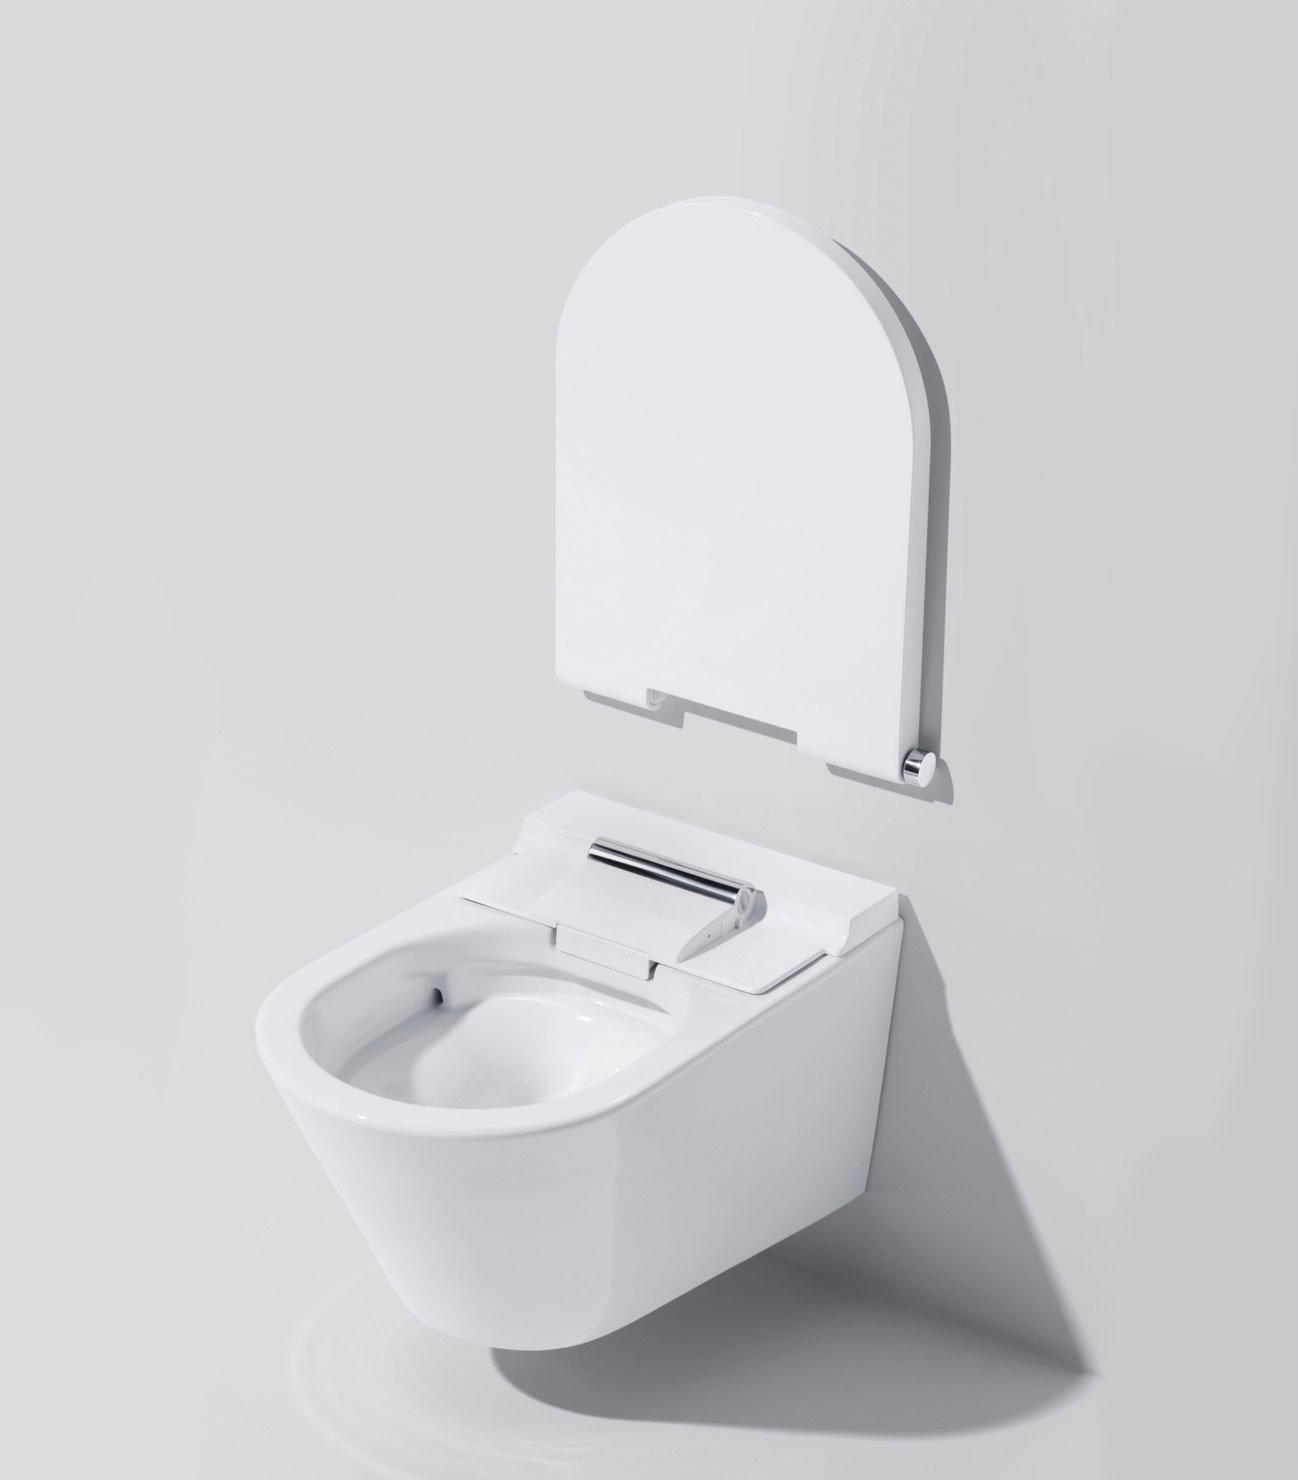 Das sanitärobjekt verfügt über eine schmutzabweisende oberfläche und ein spülrandloses becken